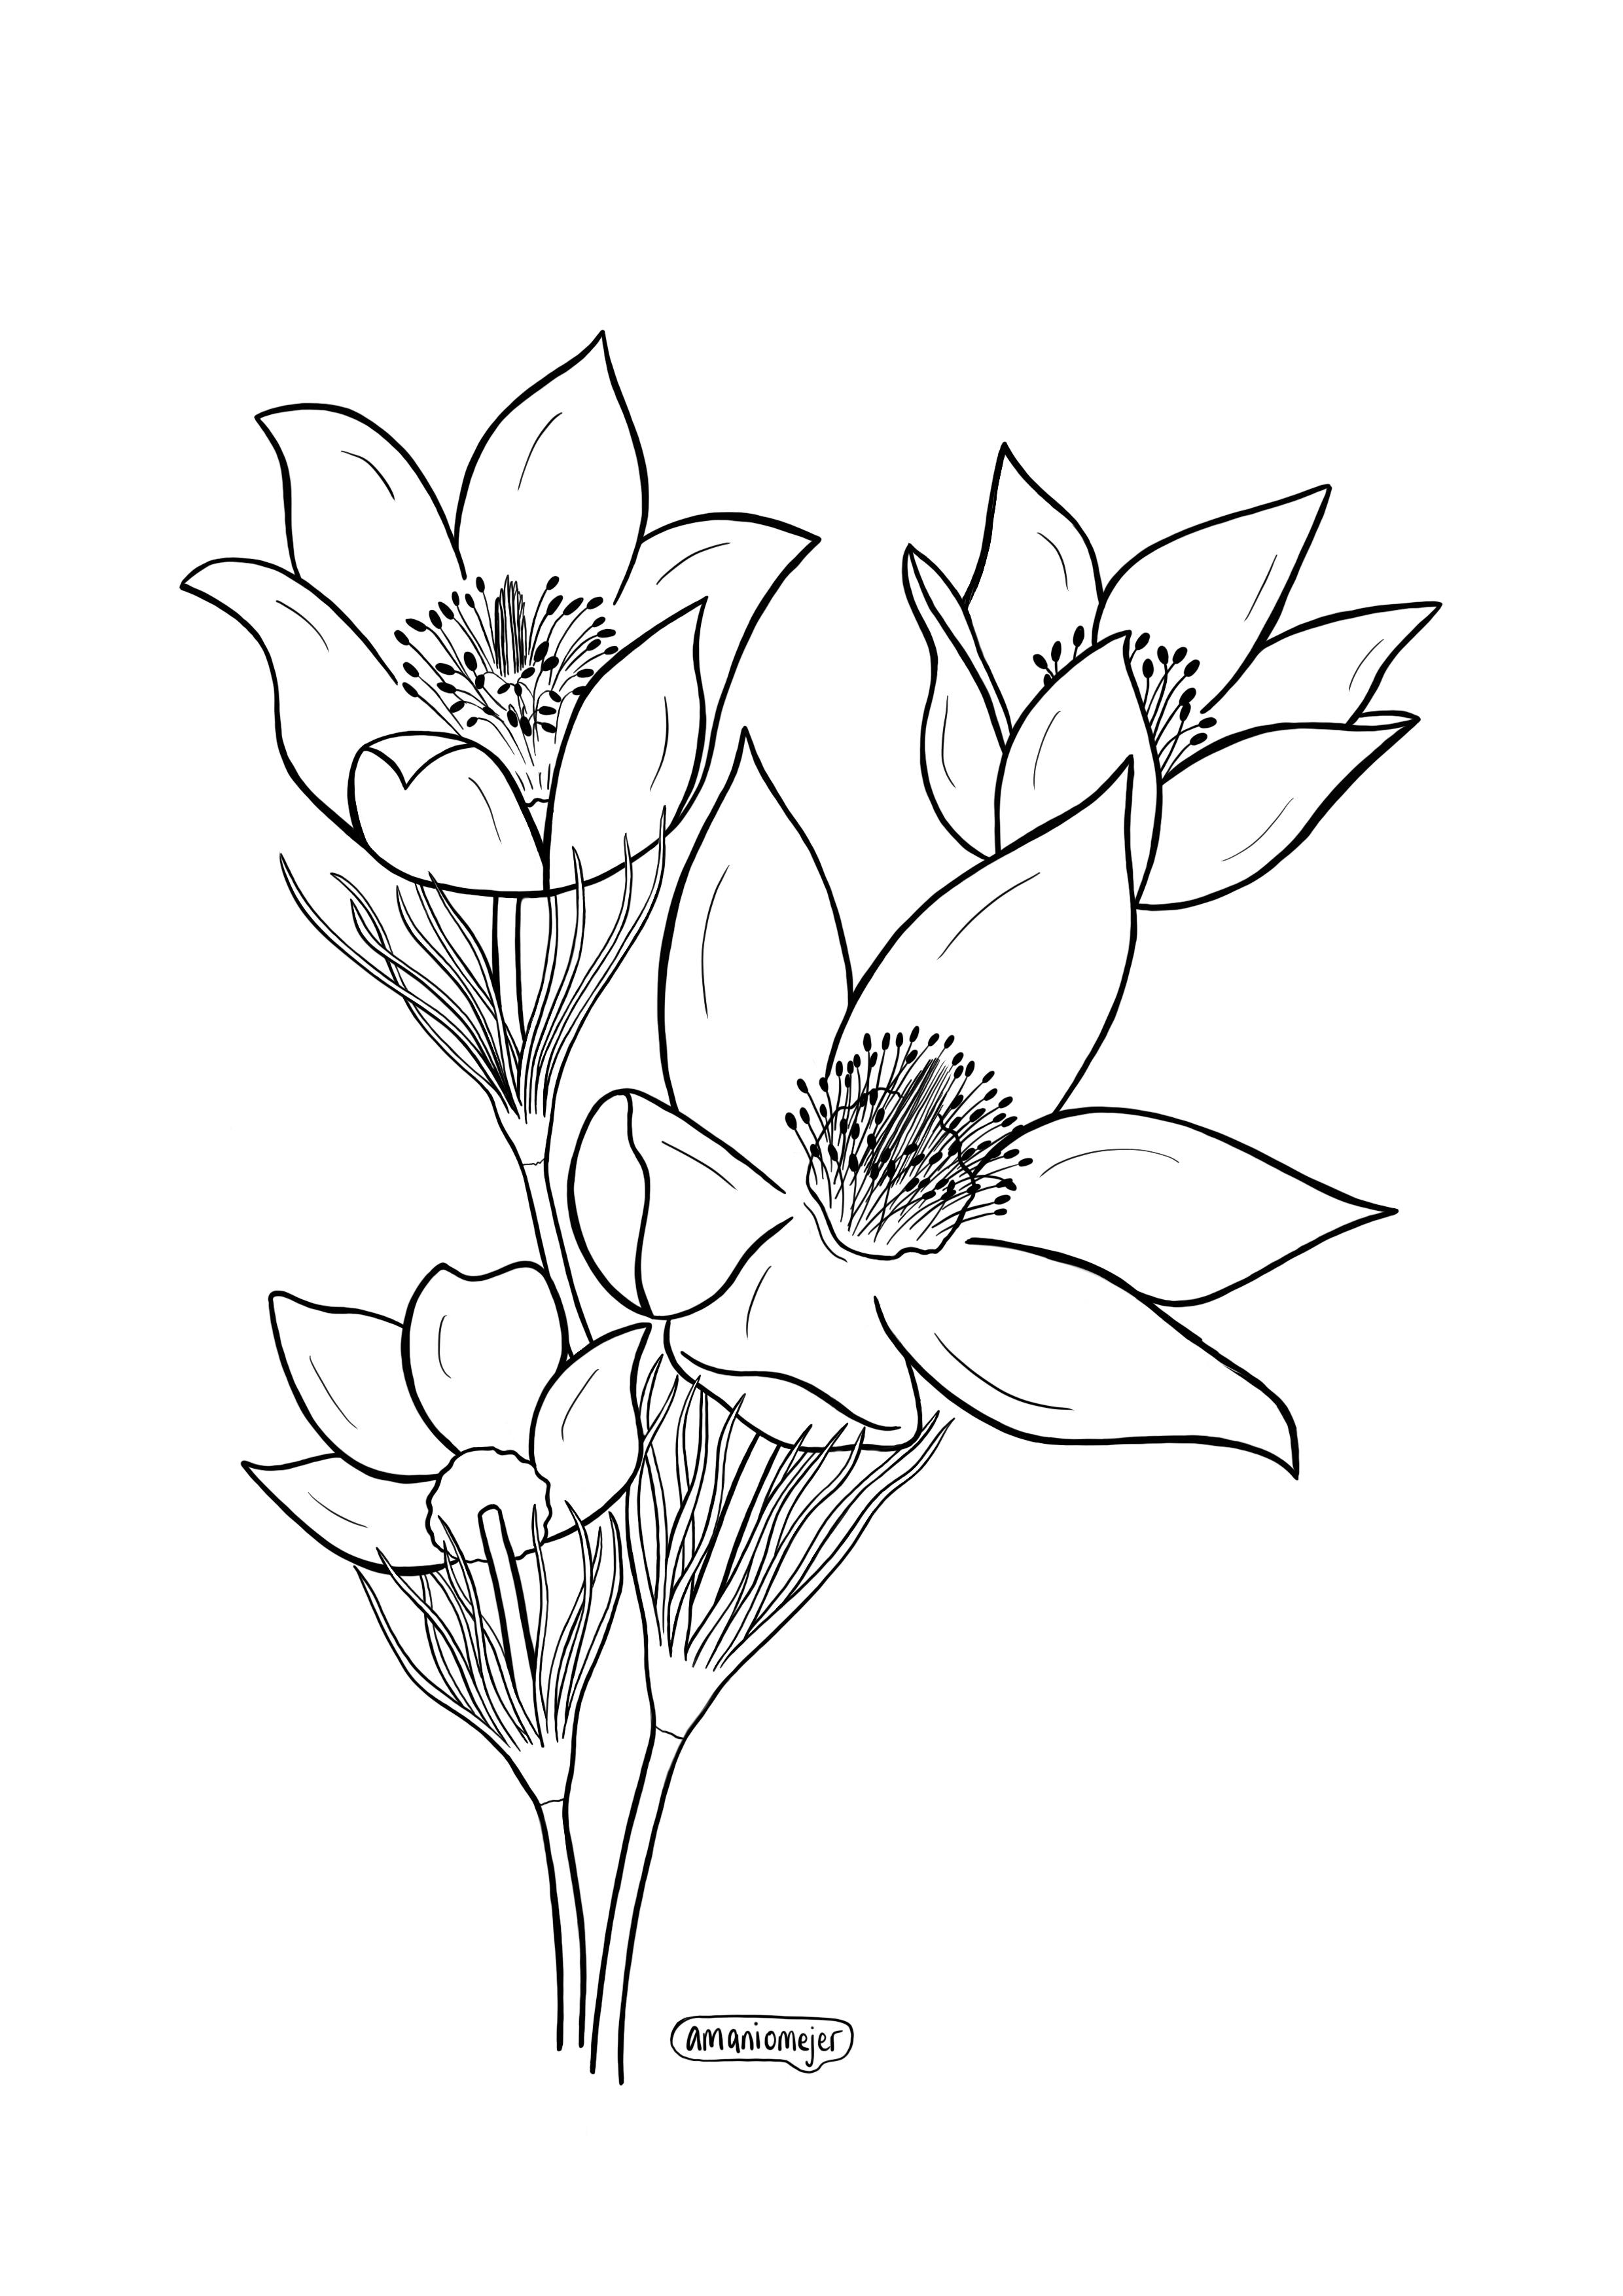 Pasque Flower.